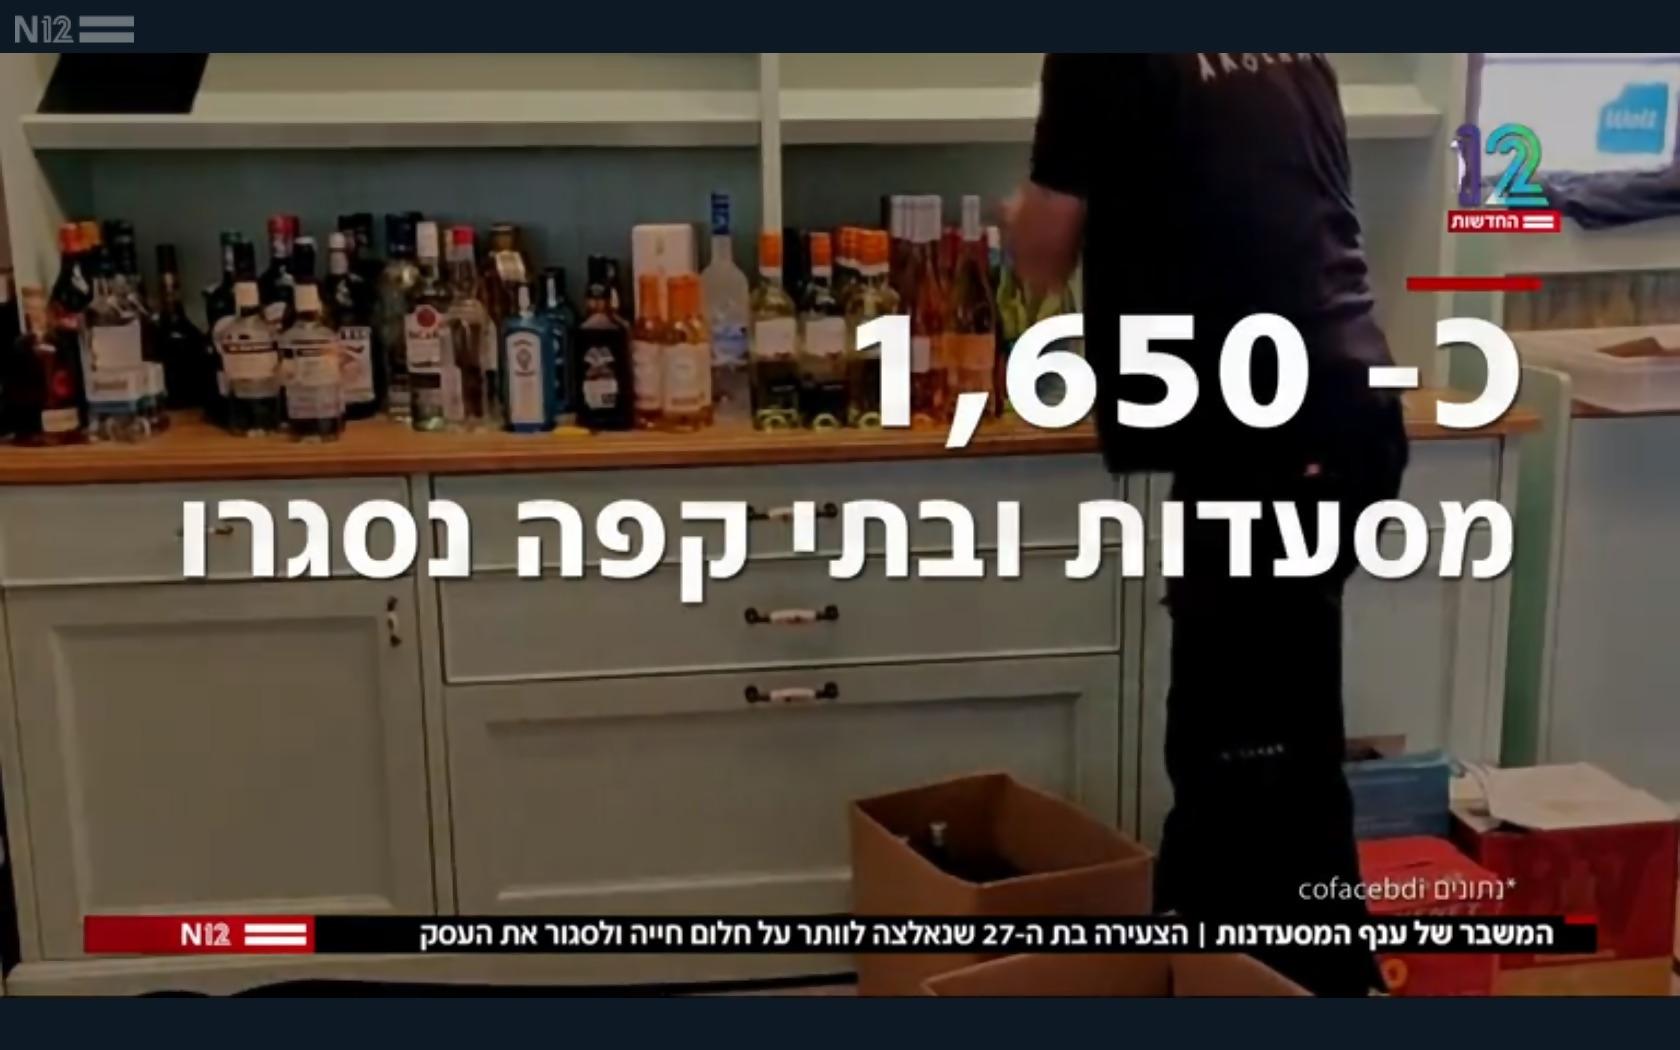 חדשות 12 : ציטוט של נתוני BDI בכתבה על מסעדות , 1650 מסעדות ובתי קפה נסגרו